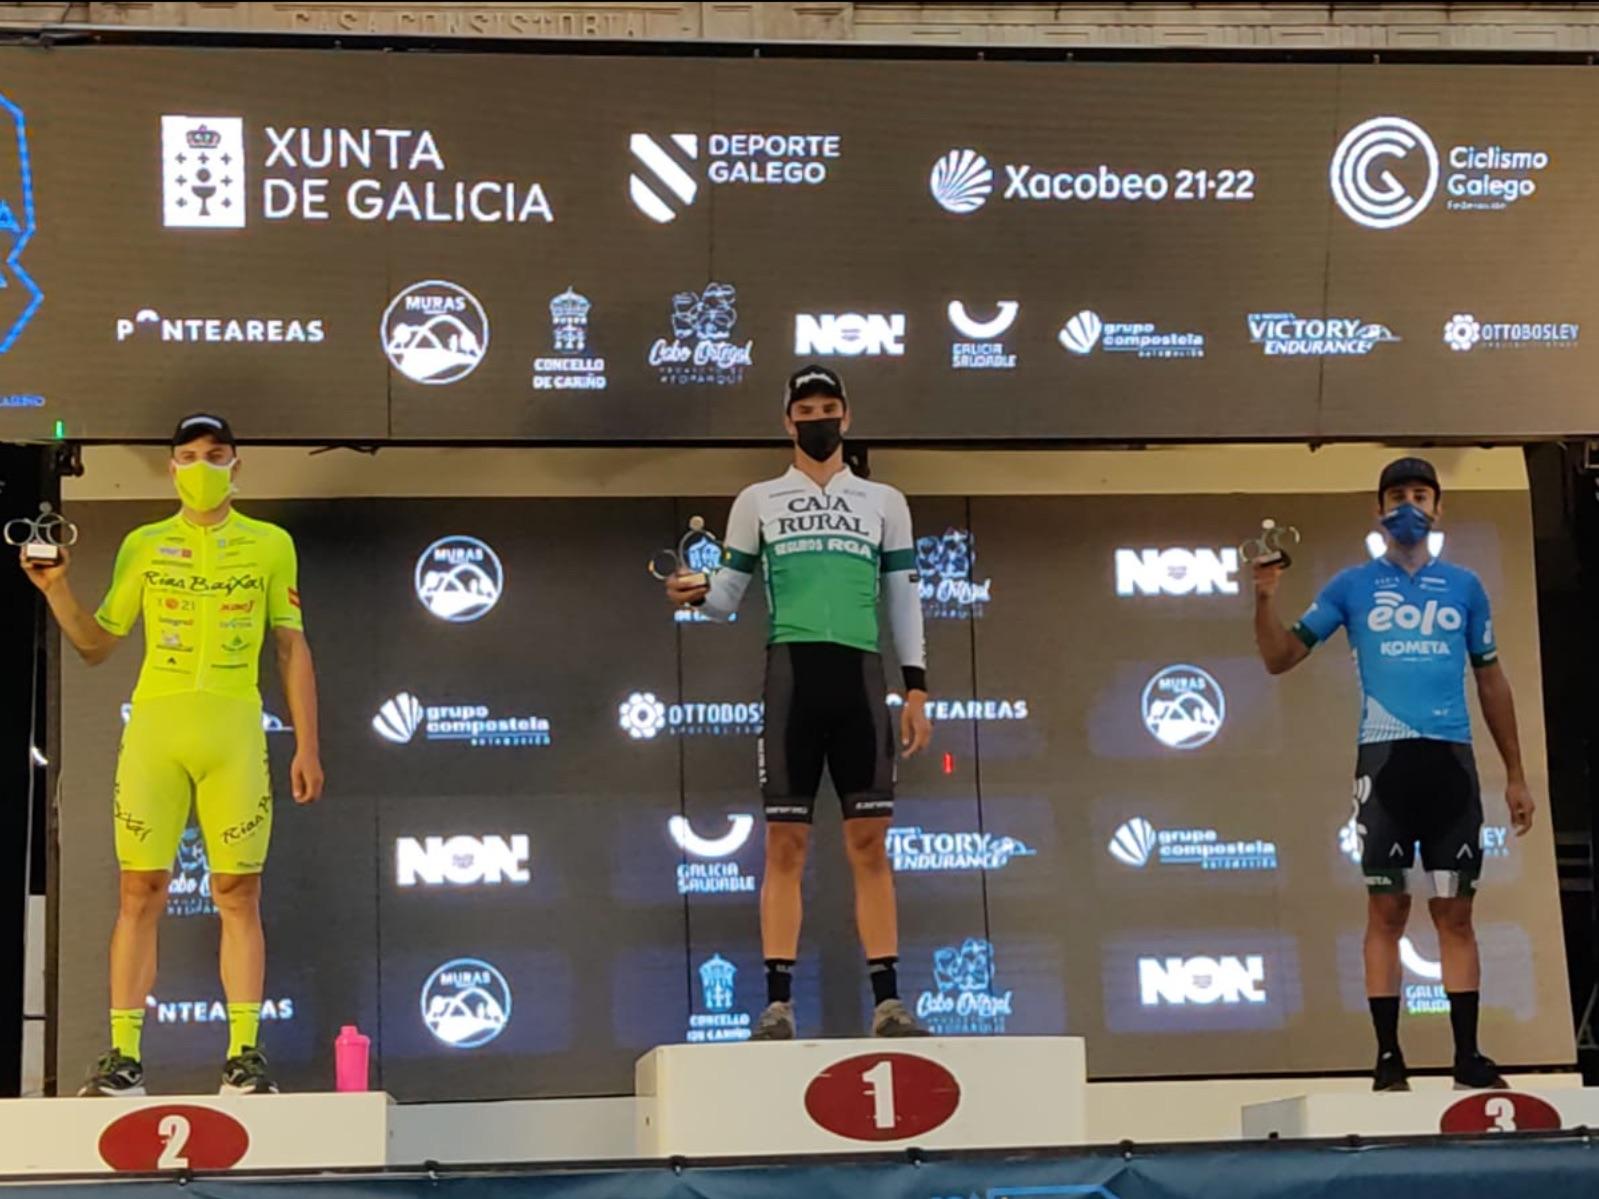 Etapa y liderato para Marc Brustenga en la crono de Volta Galicia